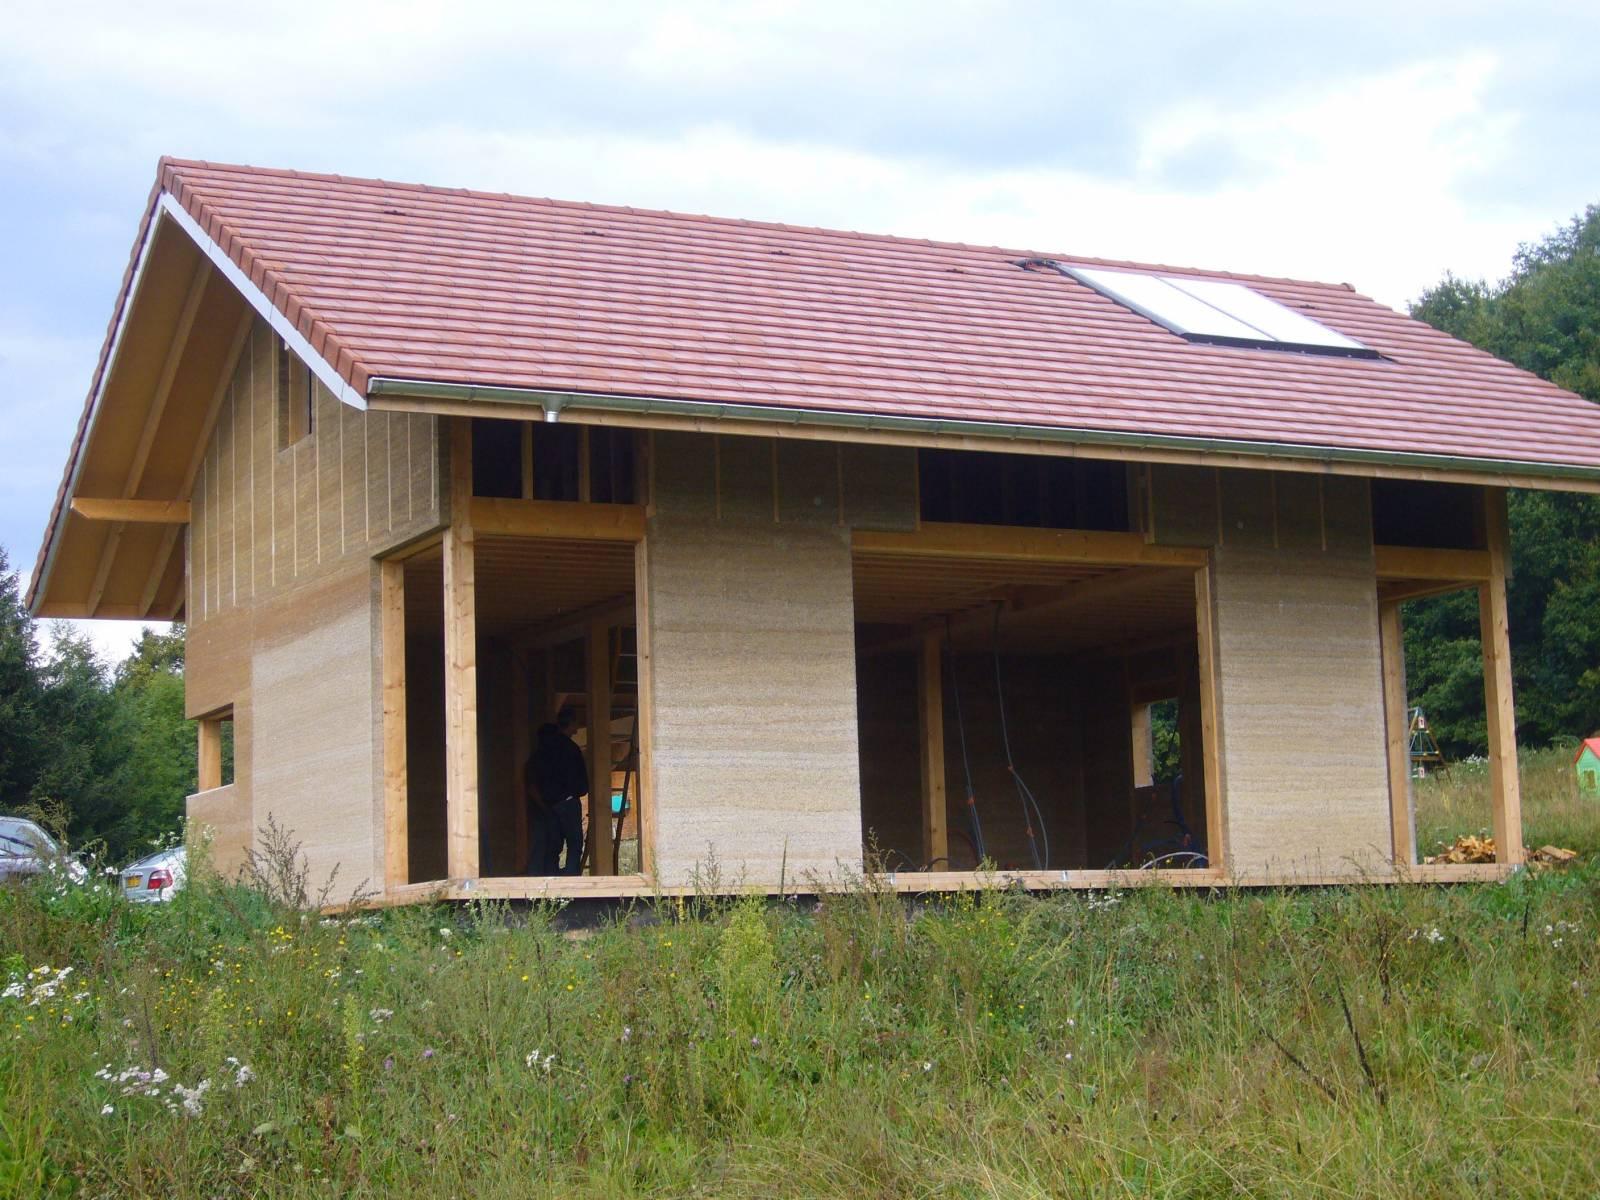 Maison En Bois Annecy maison en structure bois et chanvre - charpentier